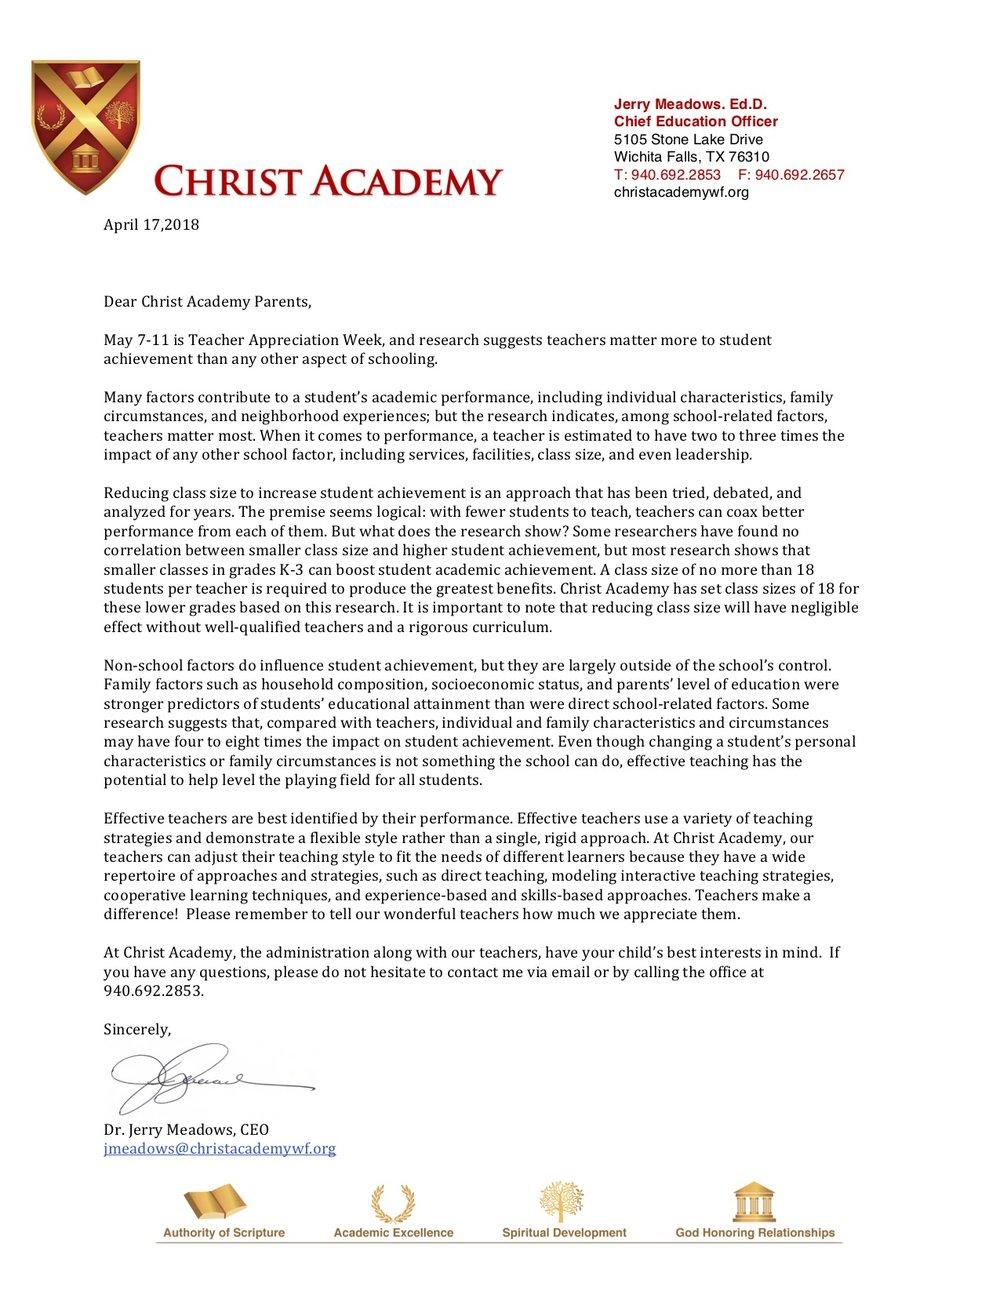 Dr. M Letter to Parents 4-2018 copy.jpg